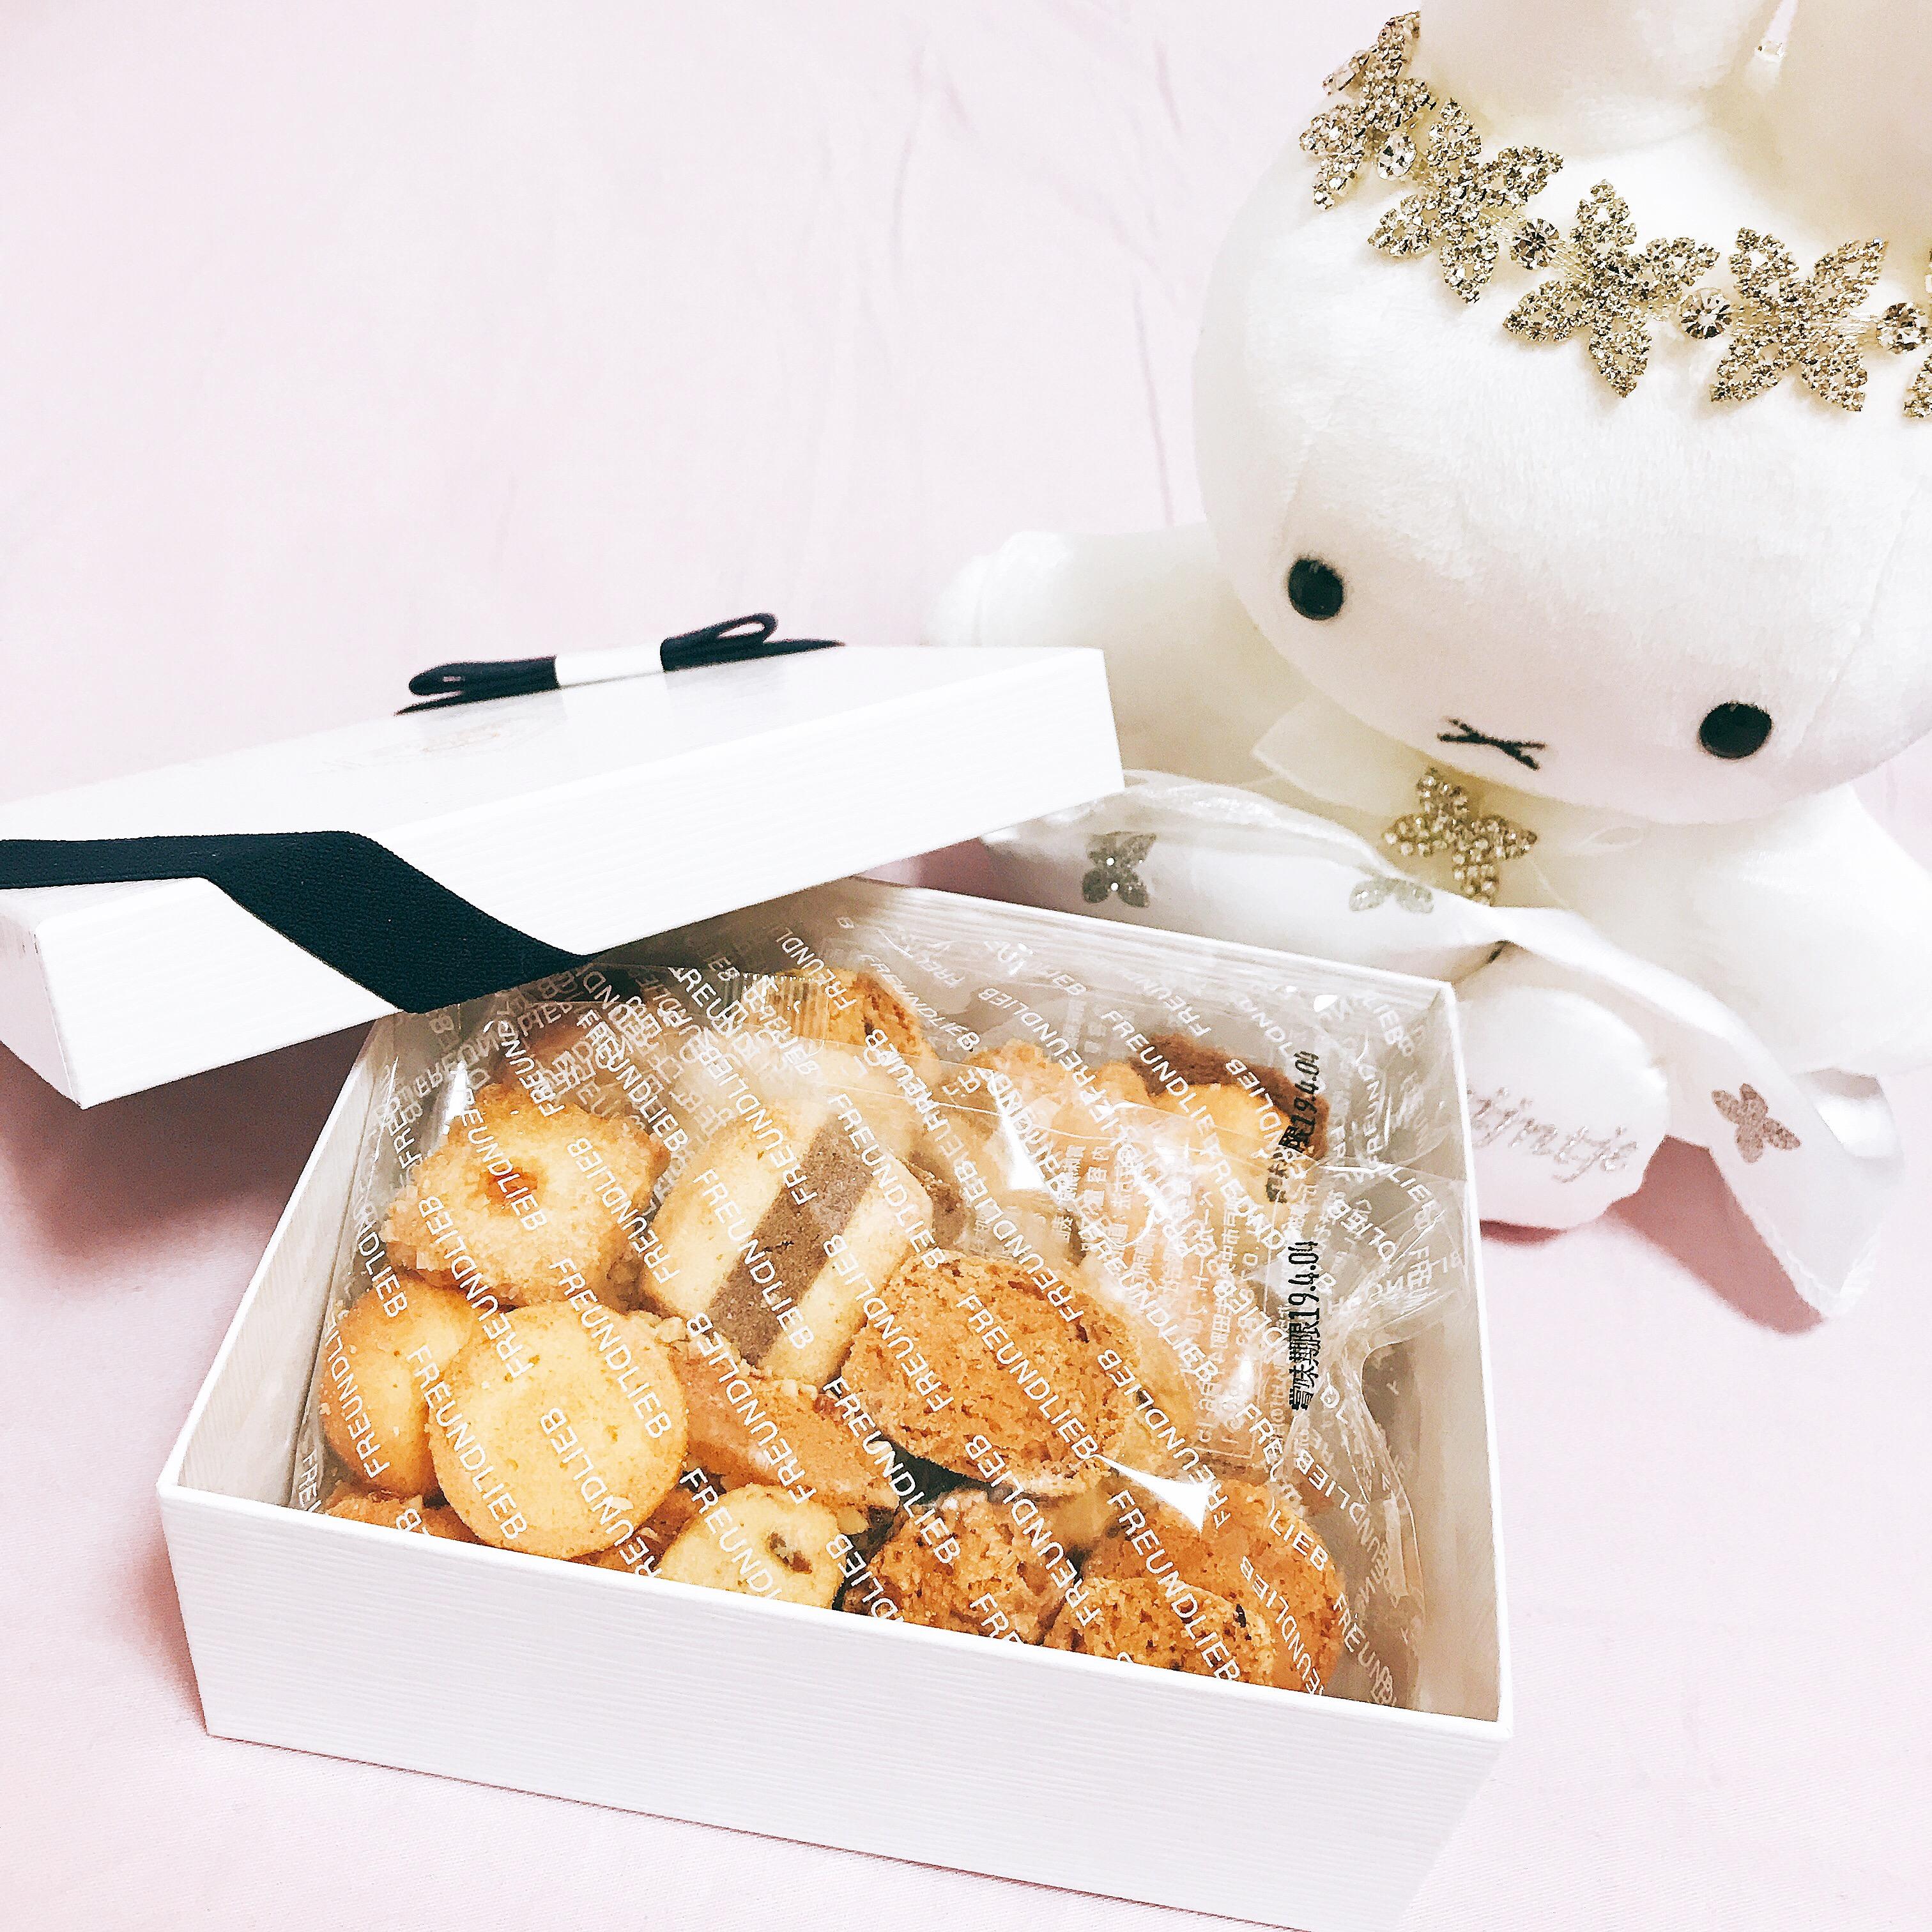 【神戸】貰ってかわいい開けてかわいい フロインドリーブのクッキー【お土産】_2